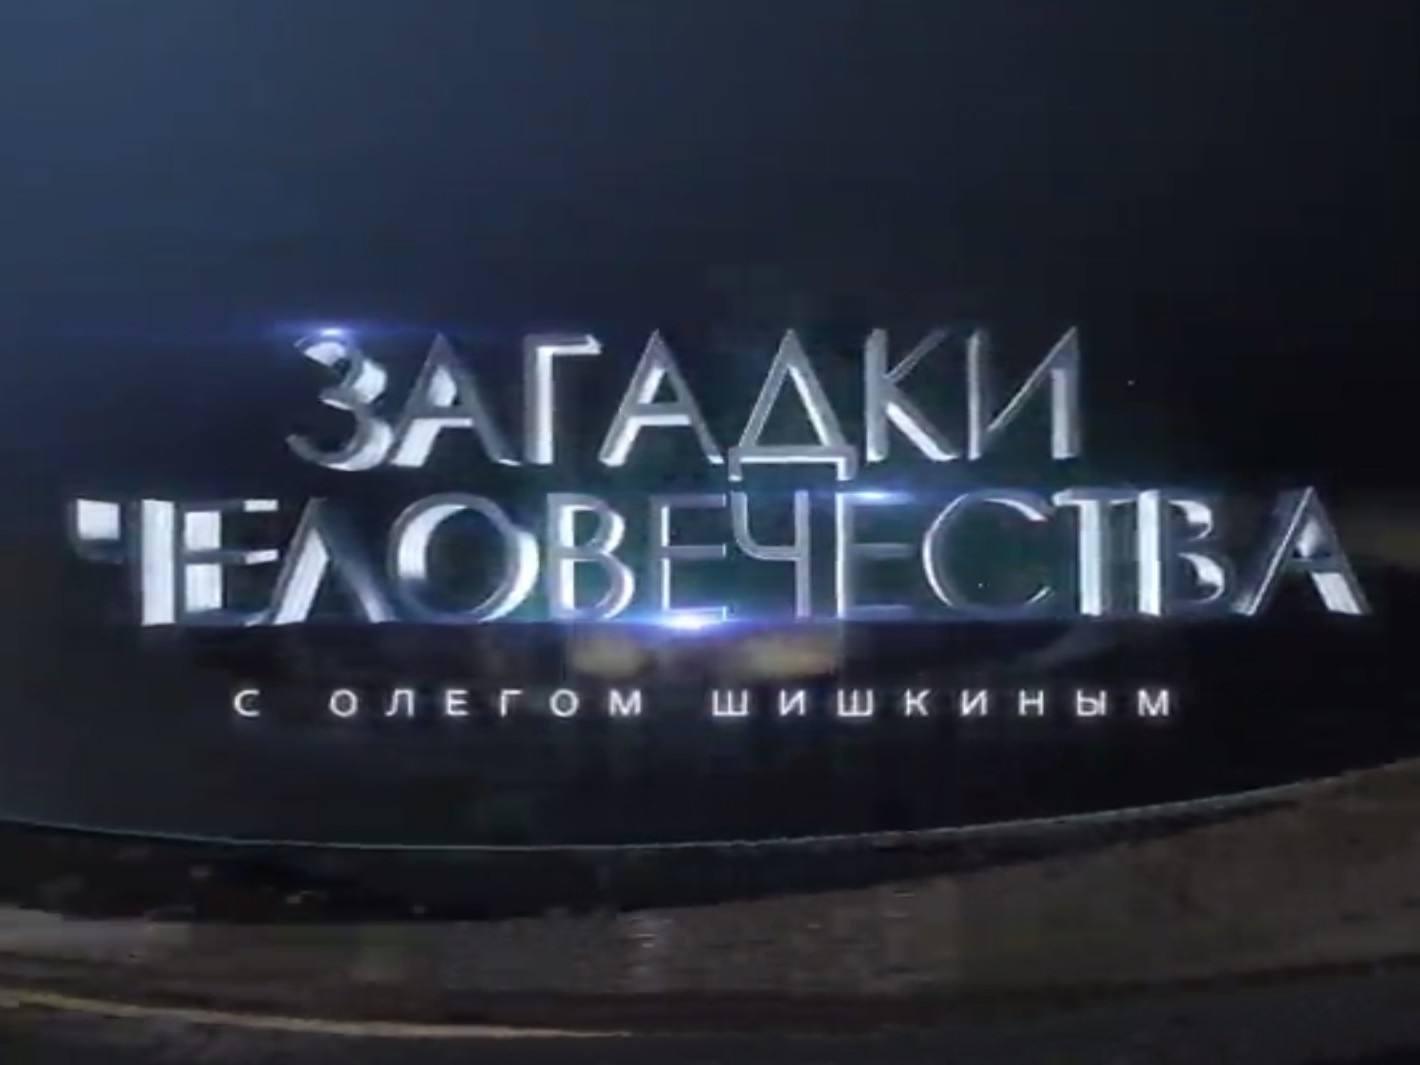 Загадки человечества с Олегом Шишкиным 377 серия в 23:30 на канале РЕН ТВ